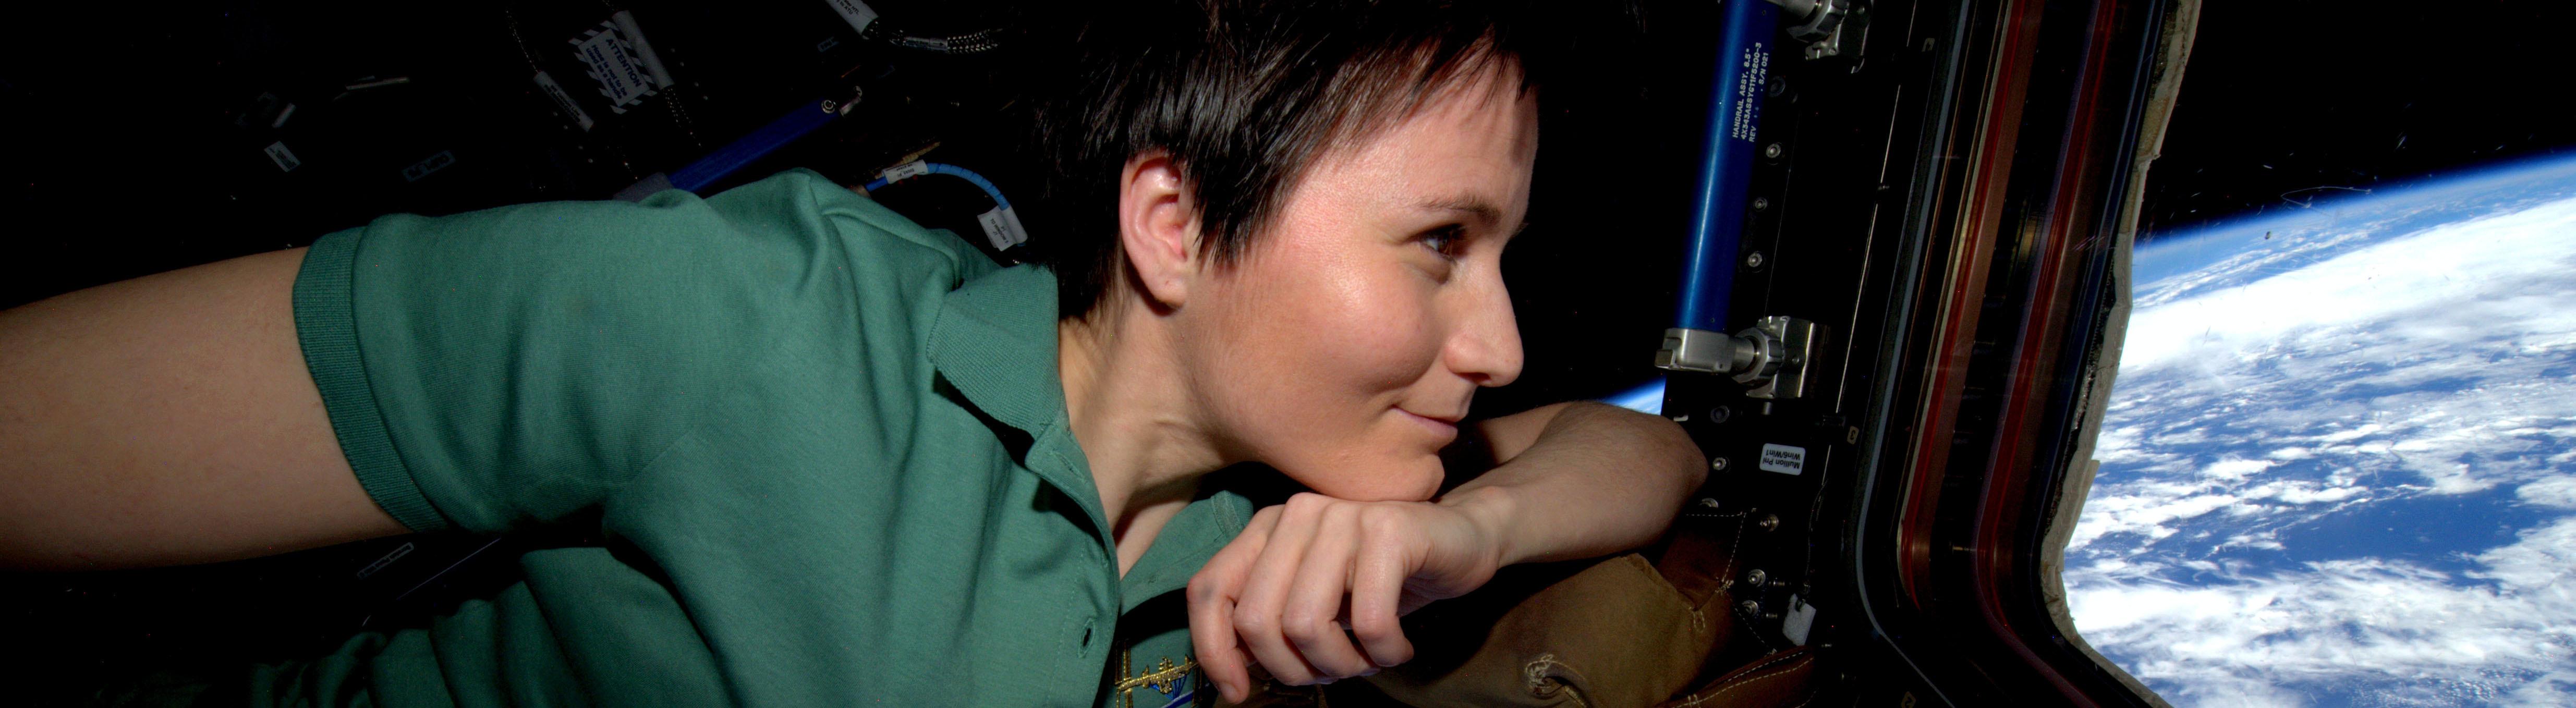 Astronautin Samantha Cristoforetti schaut aus einem Fenster in der ISS